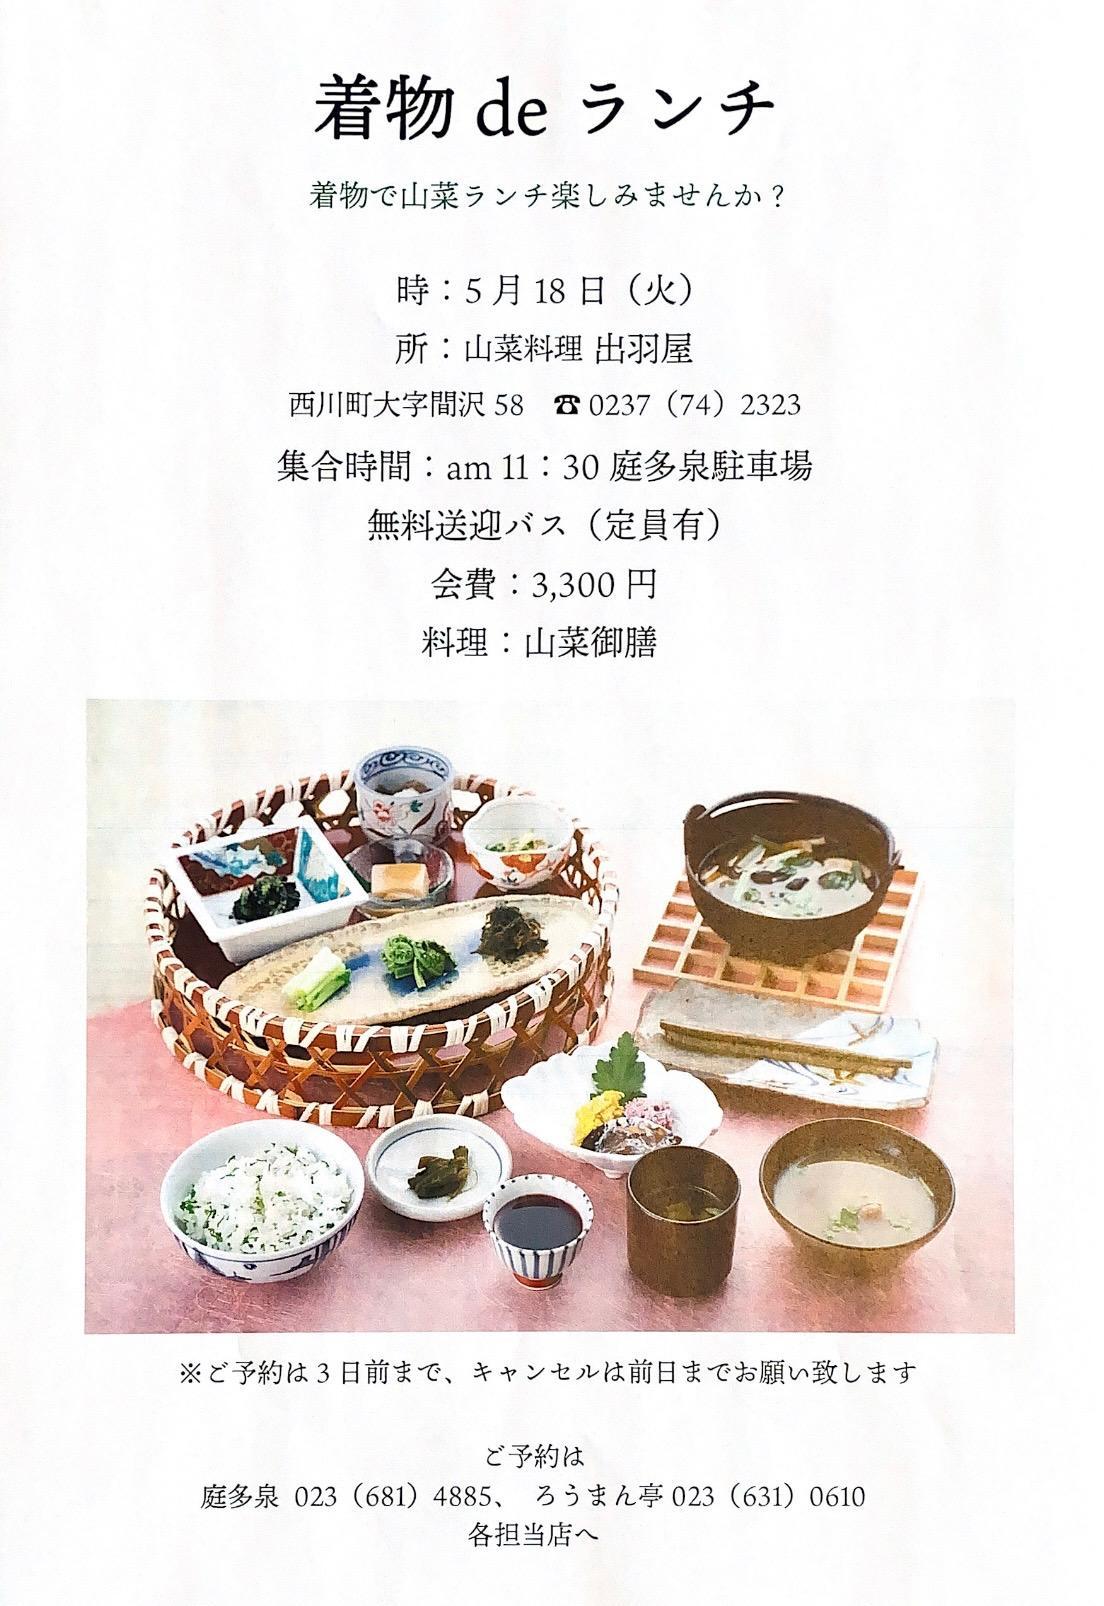 https://www.tomihiro.co.jp/blog/2021/04/22/IMG_8198%20%28002%29.jpg